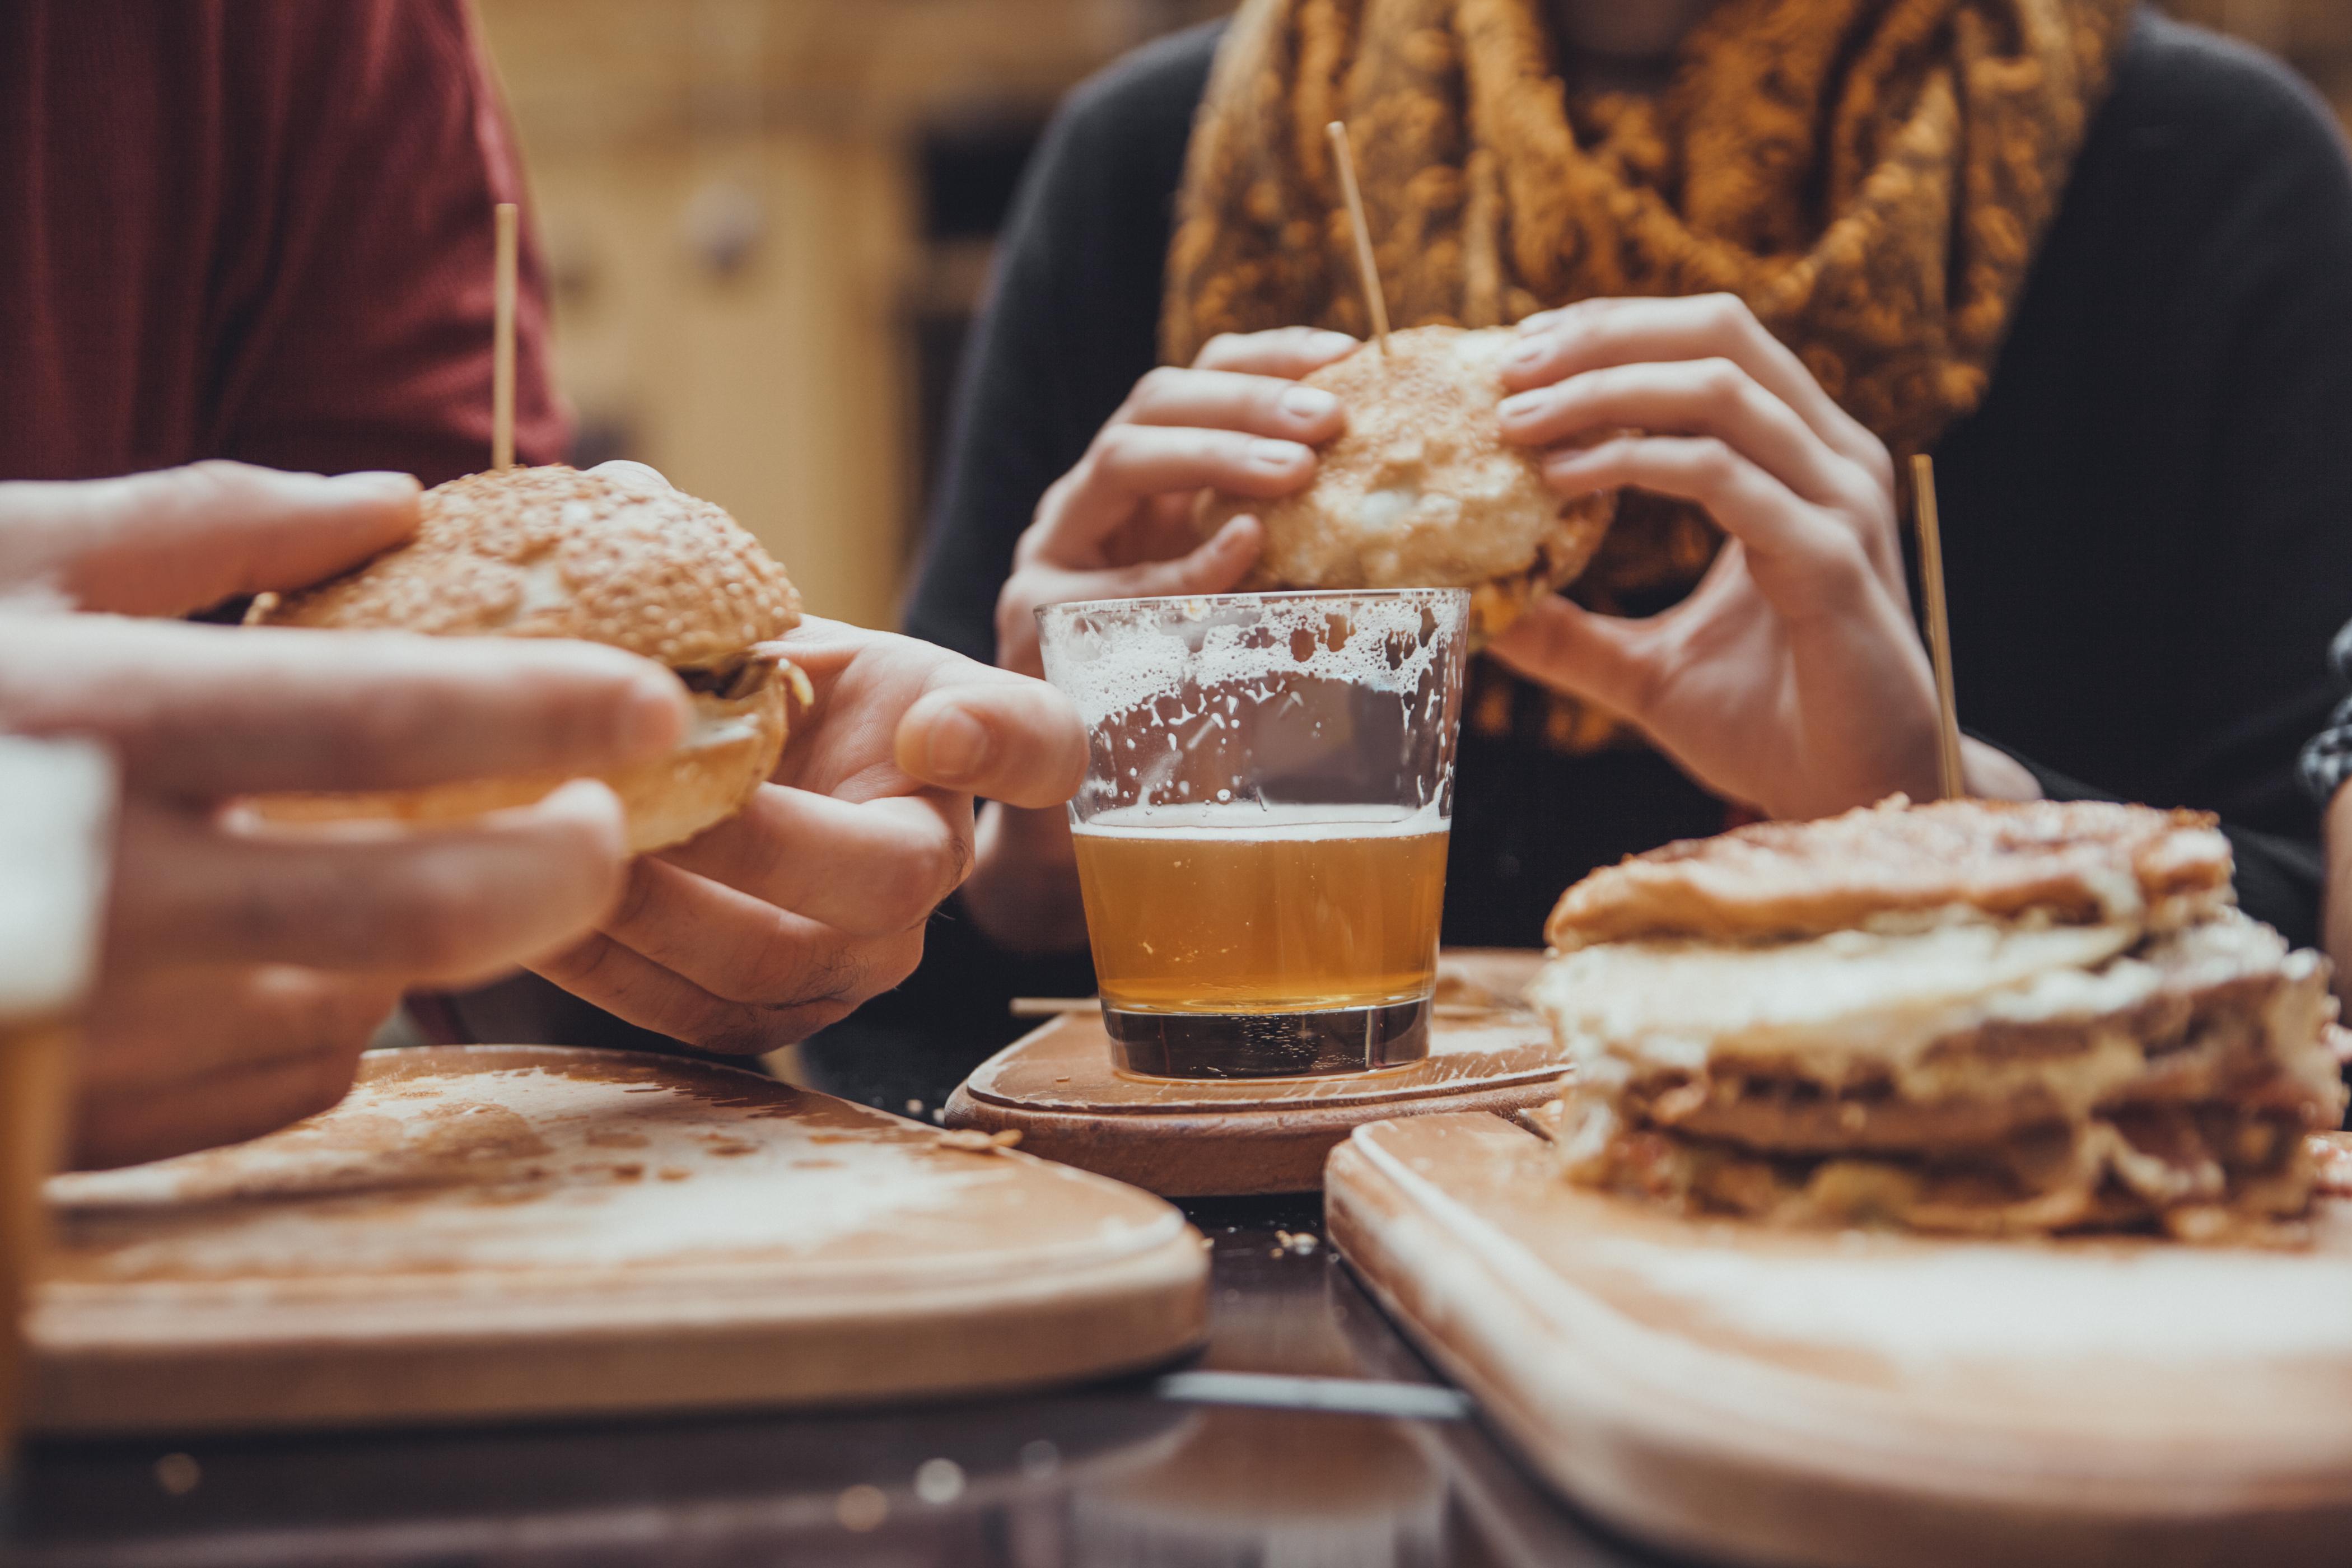 Para bajar la barriga cervecera habrá que 'salir de cañas' con moderación (iStock)